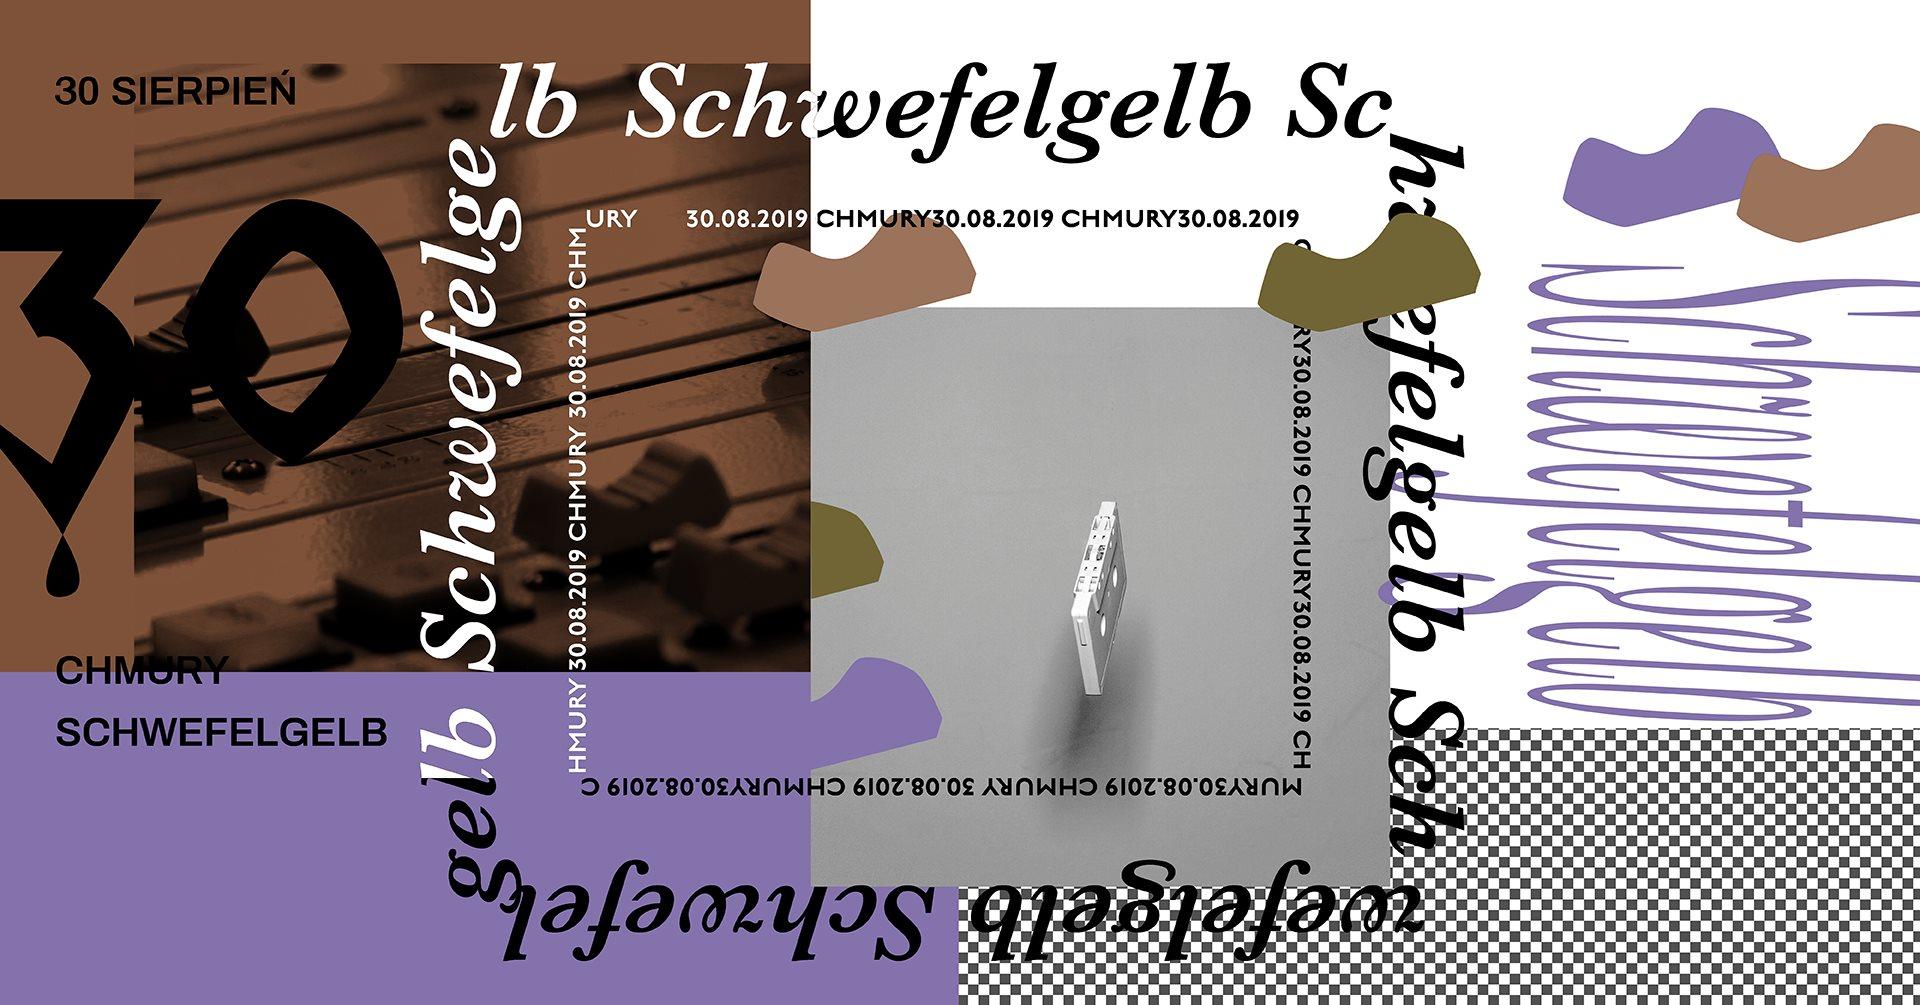 Schwefelgelb - Syntetyk - I Letzte Nacht I (30.08.2019 - Chmury - Warszawa)